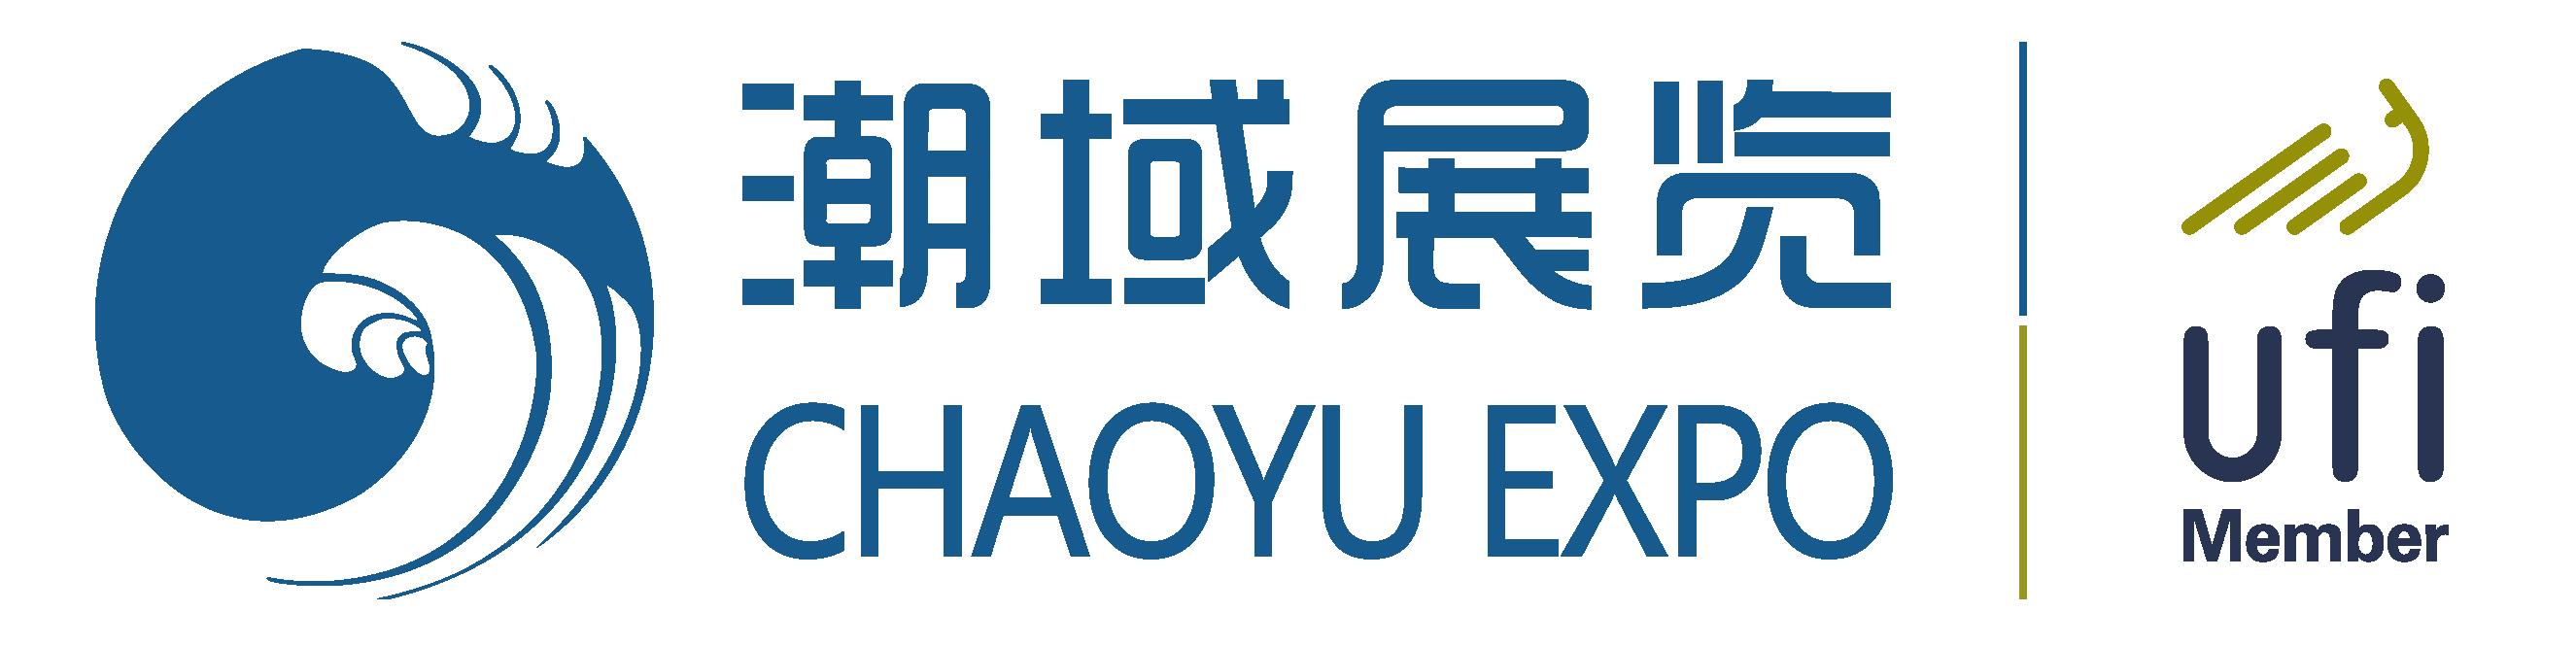 浙江潮域展覽有限公司